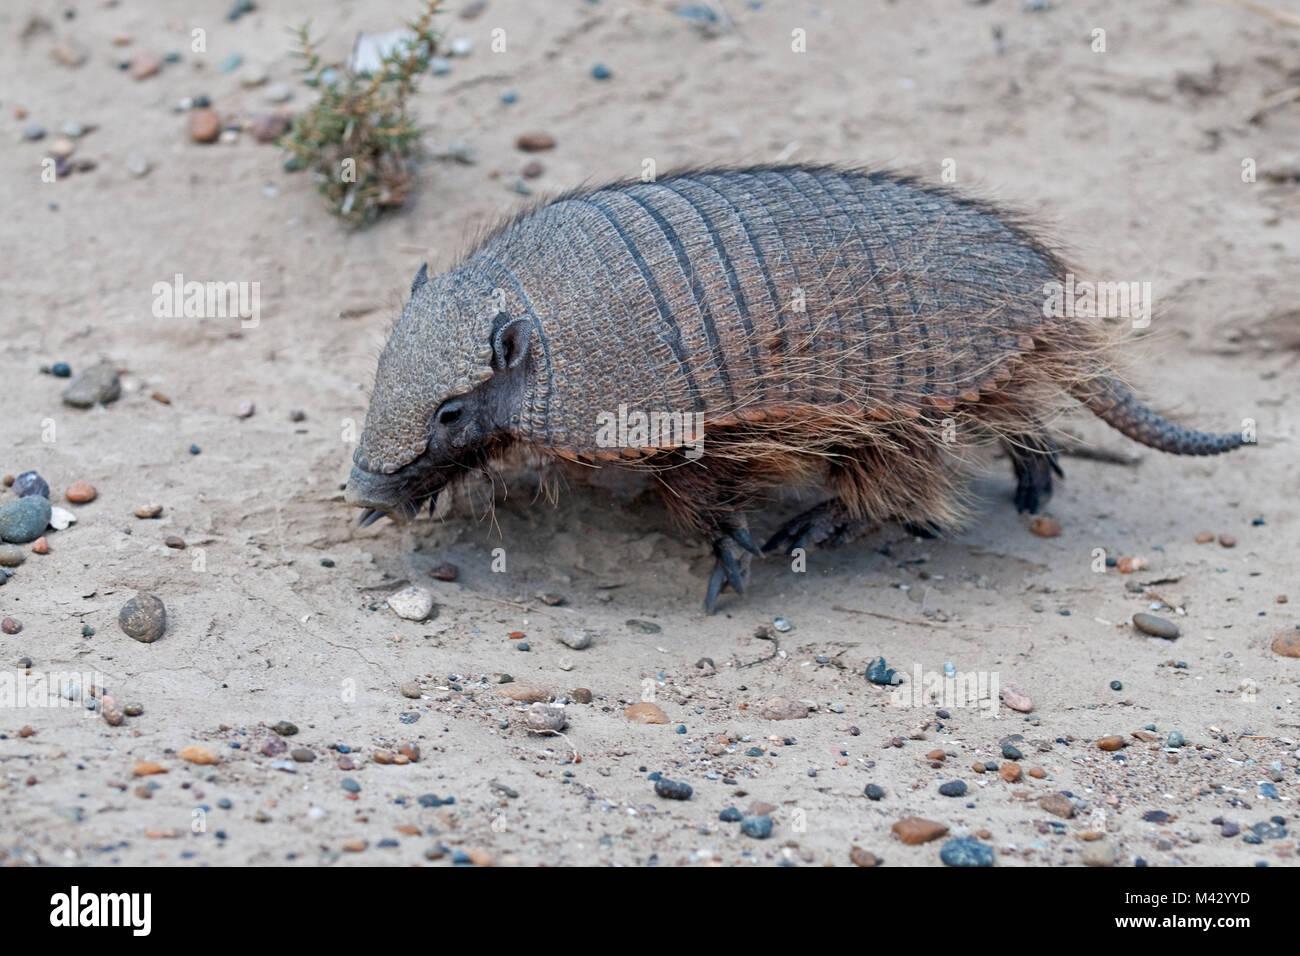 Armadillo d'Amérique du Sud à pied à travers le sable à Peninsula Valdes patagonie aregntina Photo Stock